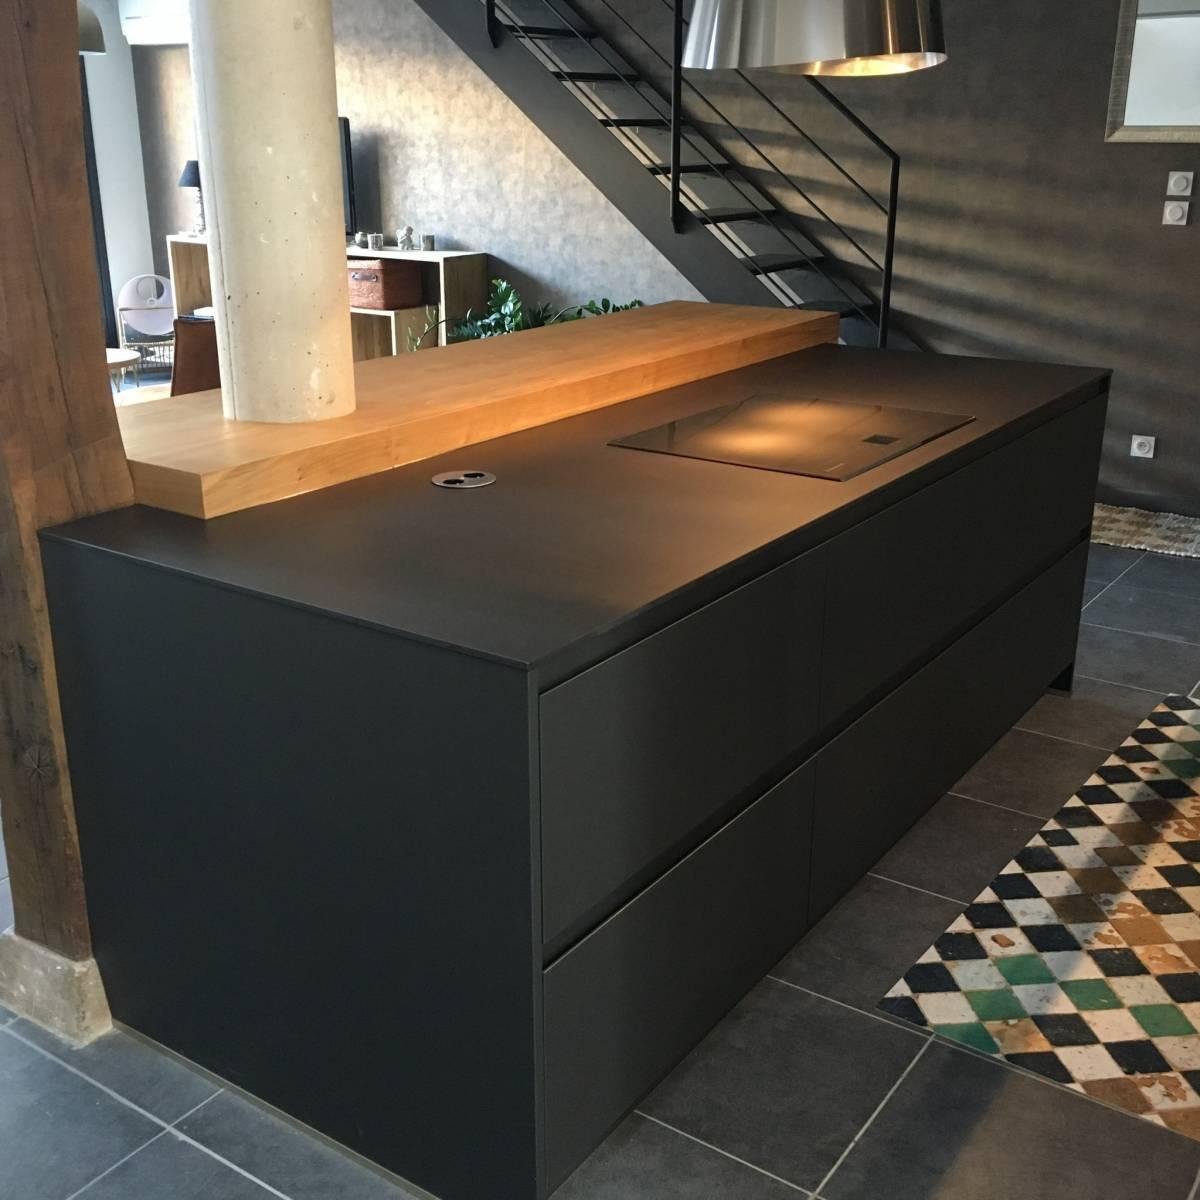 cuisine ouverte en fenix noir a lyon cuisiniste haut de. Black Bedroom Furniture Sets. Home Design Ideas